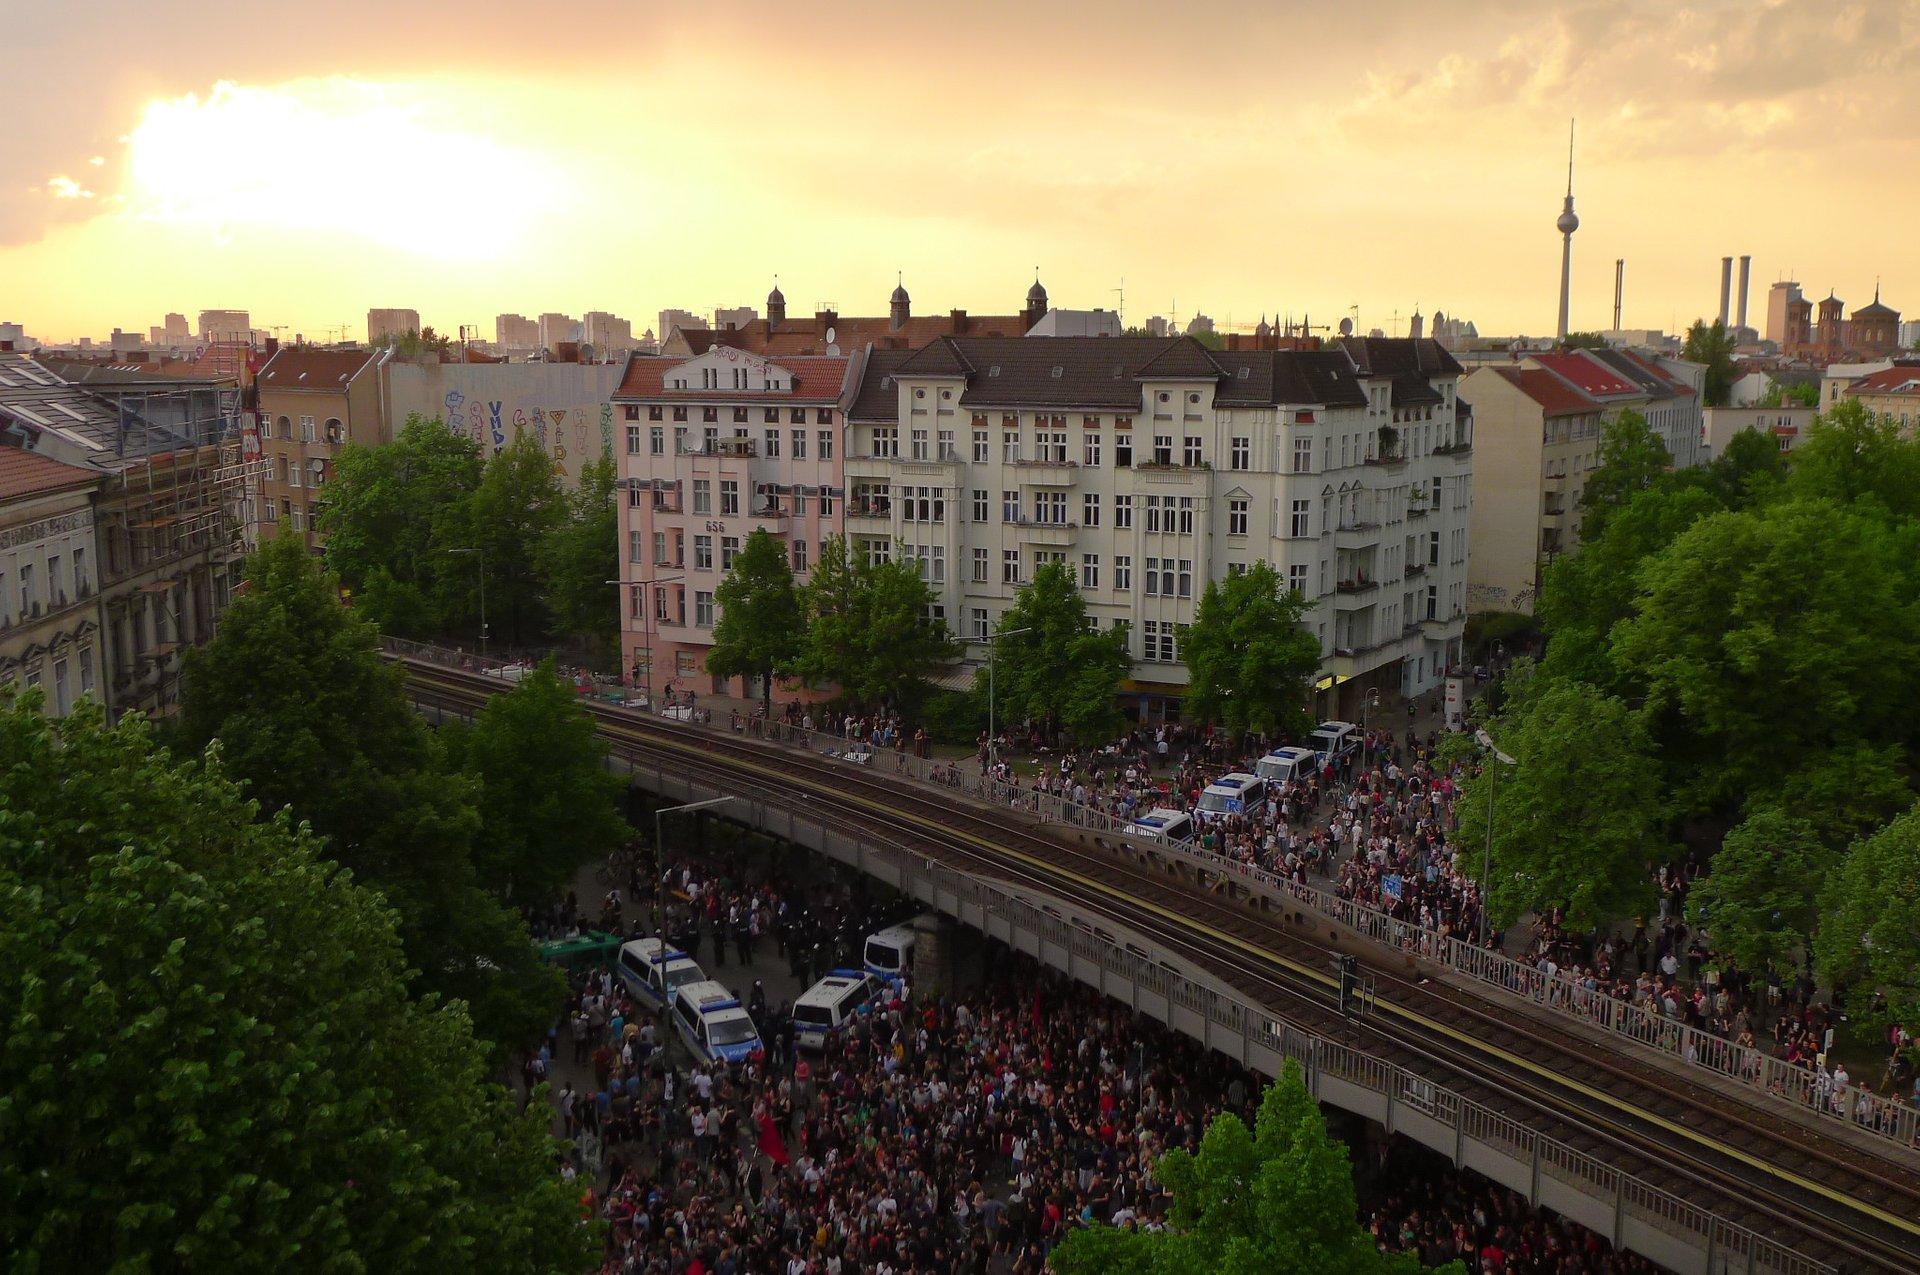 May Day in Berlin - Best Season 2020